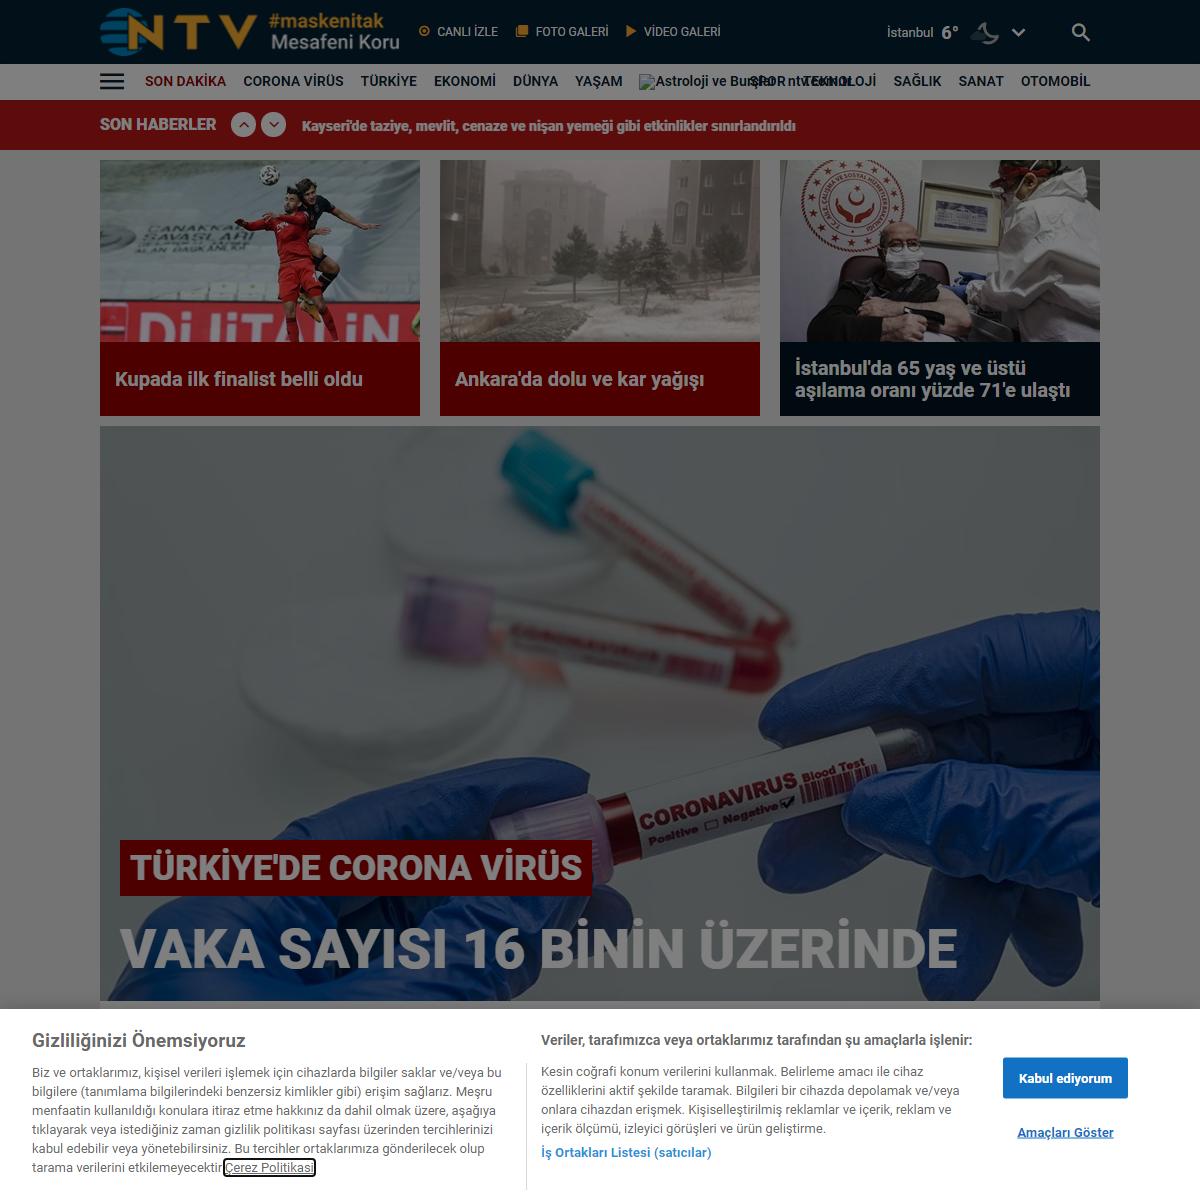 NTV HABER - Haberler, Son Dakika Haberleri